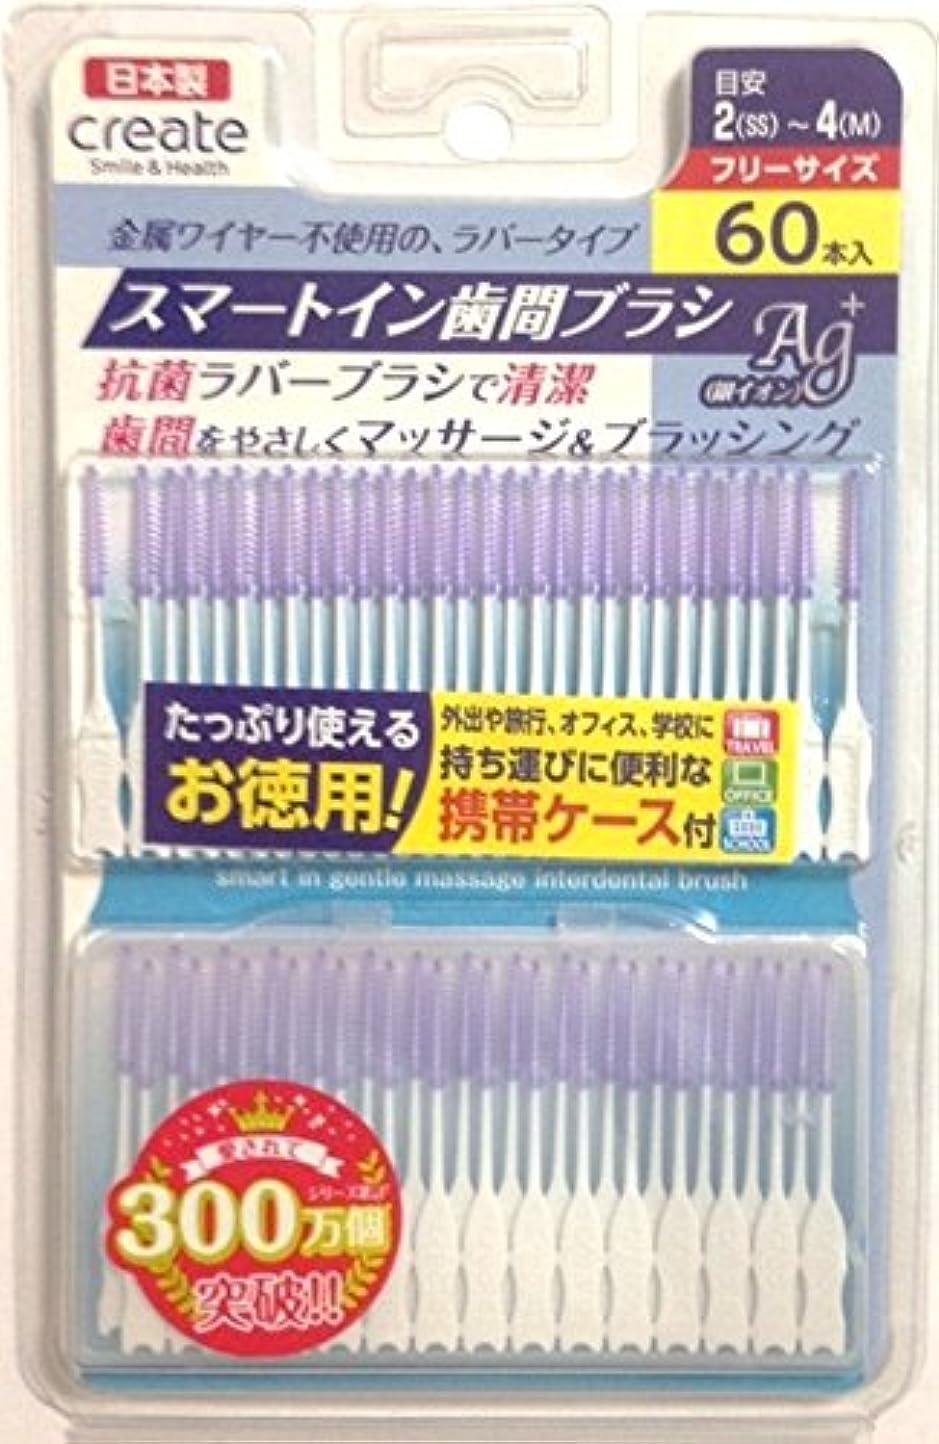 テメリティ補助金昆虫クリエイト スマートイン歯間ブラシ 2(SS)-4(M) 金属ワイヤー不使用?ラバータイプ お徳用 60本